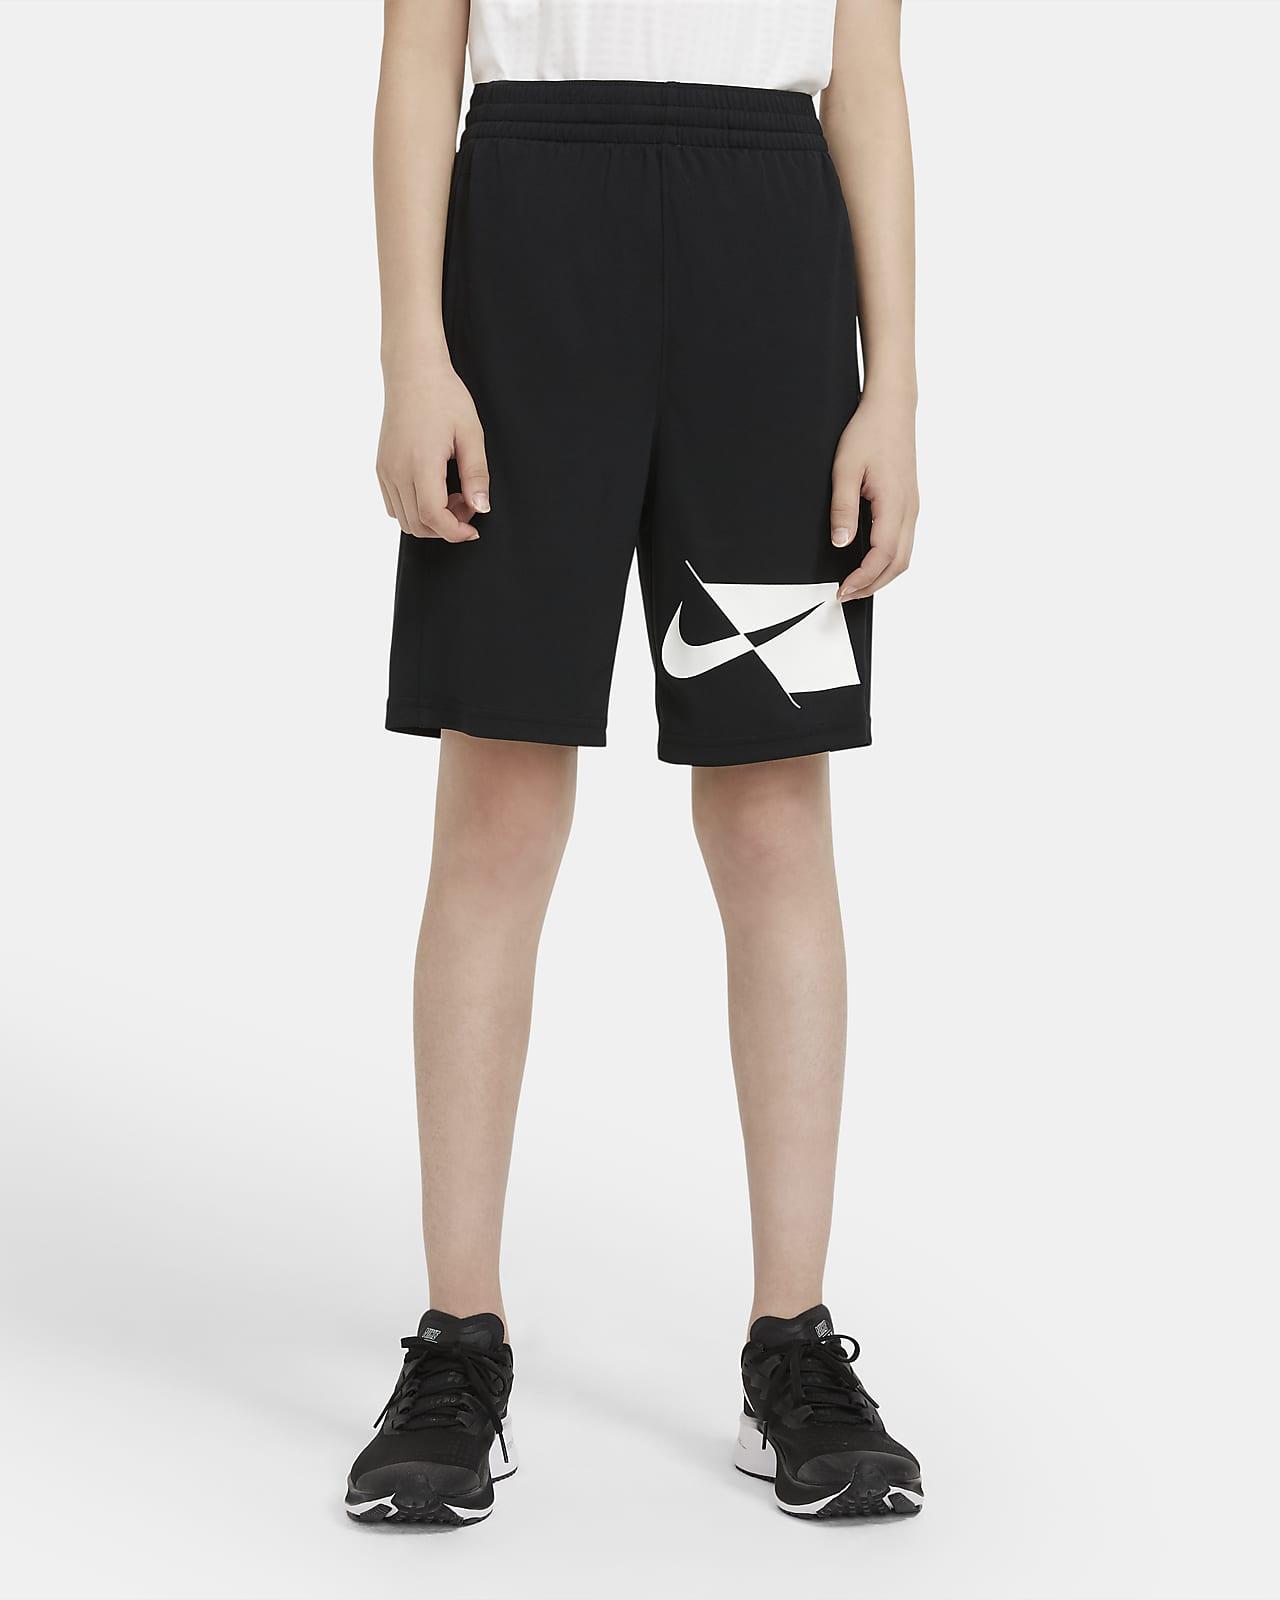 Nike Dri-FIT-træningsshorts til store børn (drenge)